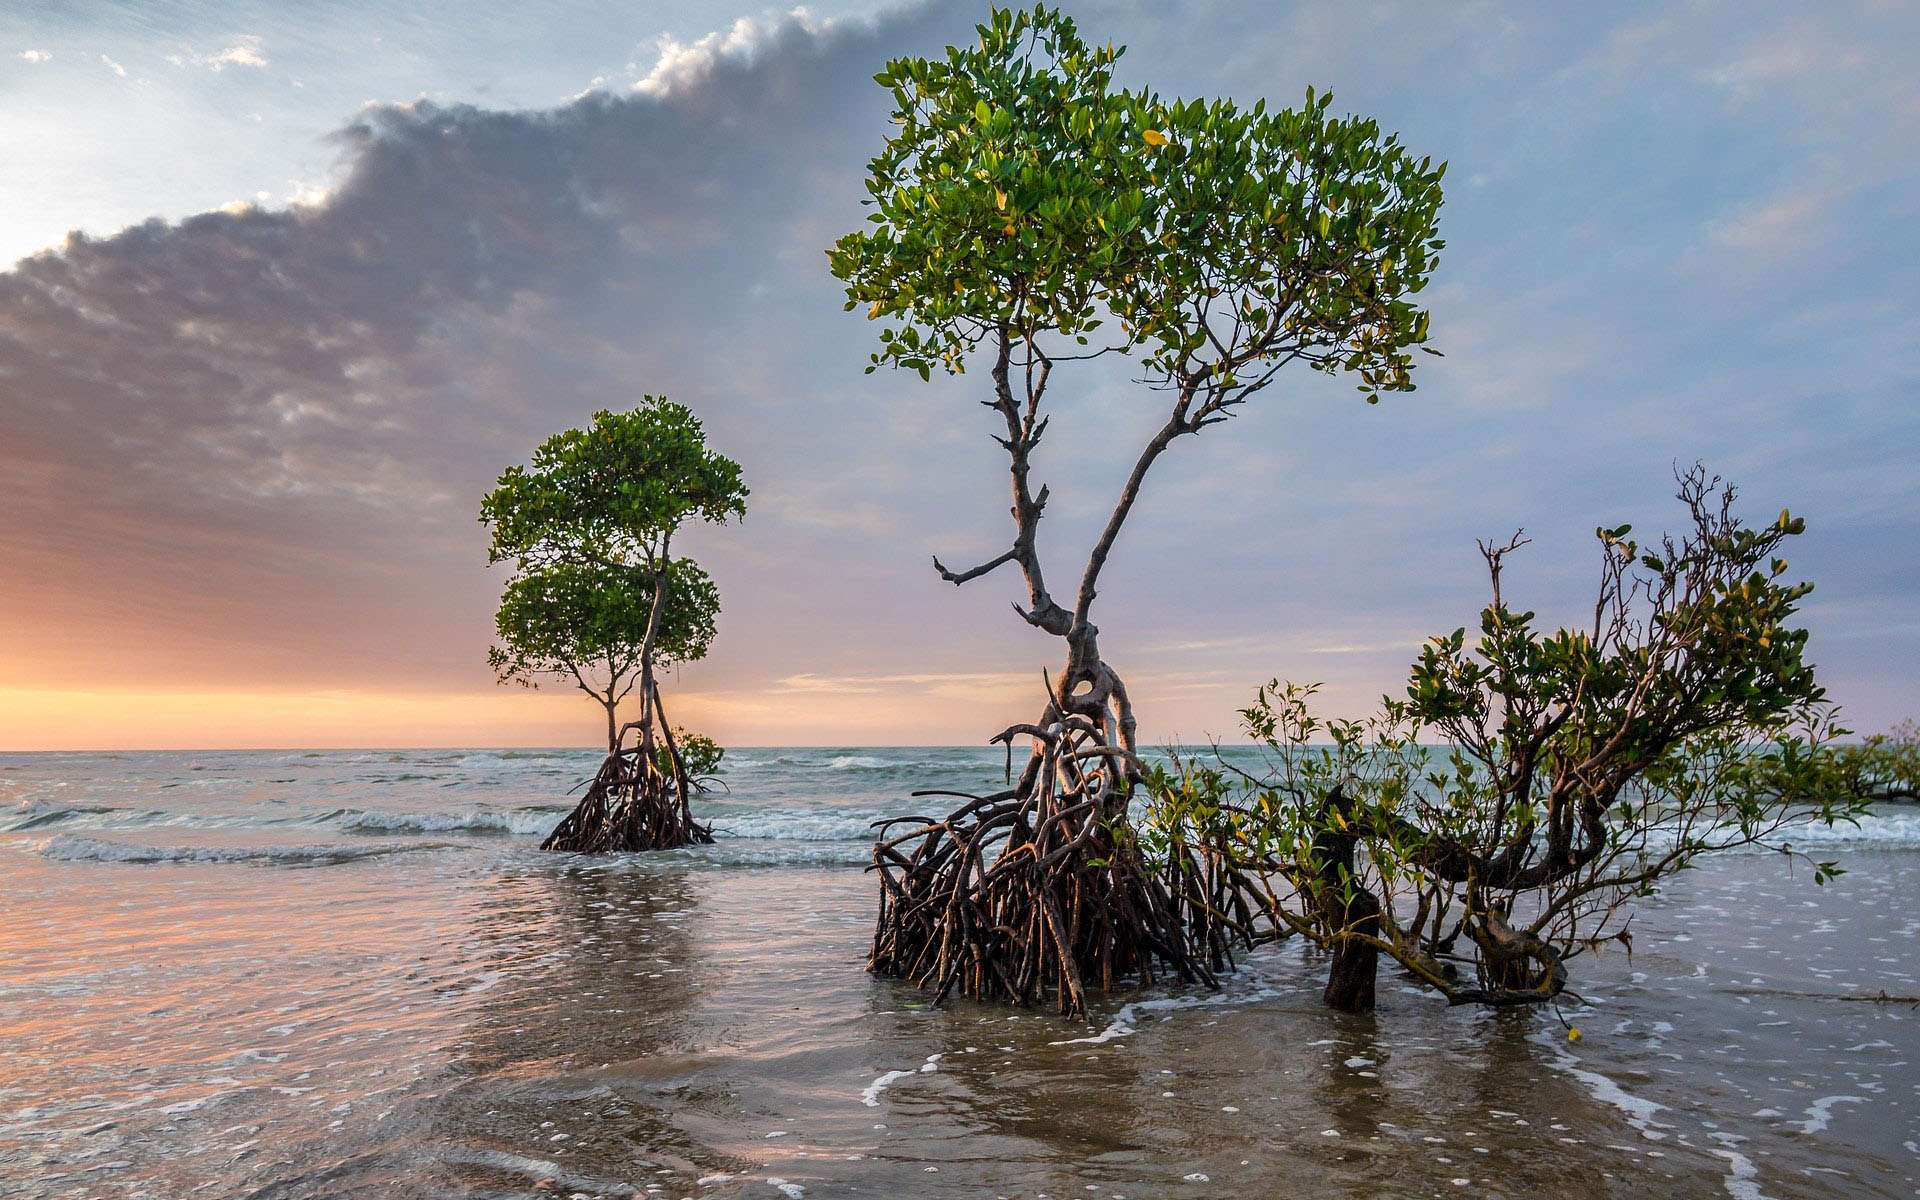 La mangrove, c'est ce paysage étonnant s'il en est. Où l'on voit des arbres littéralement sortir de l'eau. Avec leurs racines, ici mises à jour par la marée. Montrant une rage de vivre qui fait chaud au cœur.Ce biome des régions tropicales est fait de marais maritimes. Il est l'un des écosystèmes les plus productifs en biomasse de notre planète. Et il procure de nombreuses ressources aux populations locales. Mais, un peu partout dans le monde, la mangrove connait aujourd'hui une dégradation rapide. Elle aurait déjà perdu 25 % de son étendue naturelle. © Patjosse, Pixabay, DP